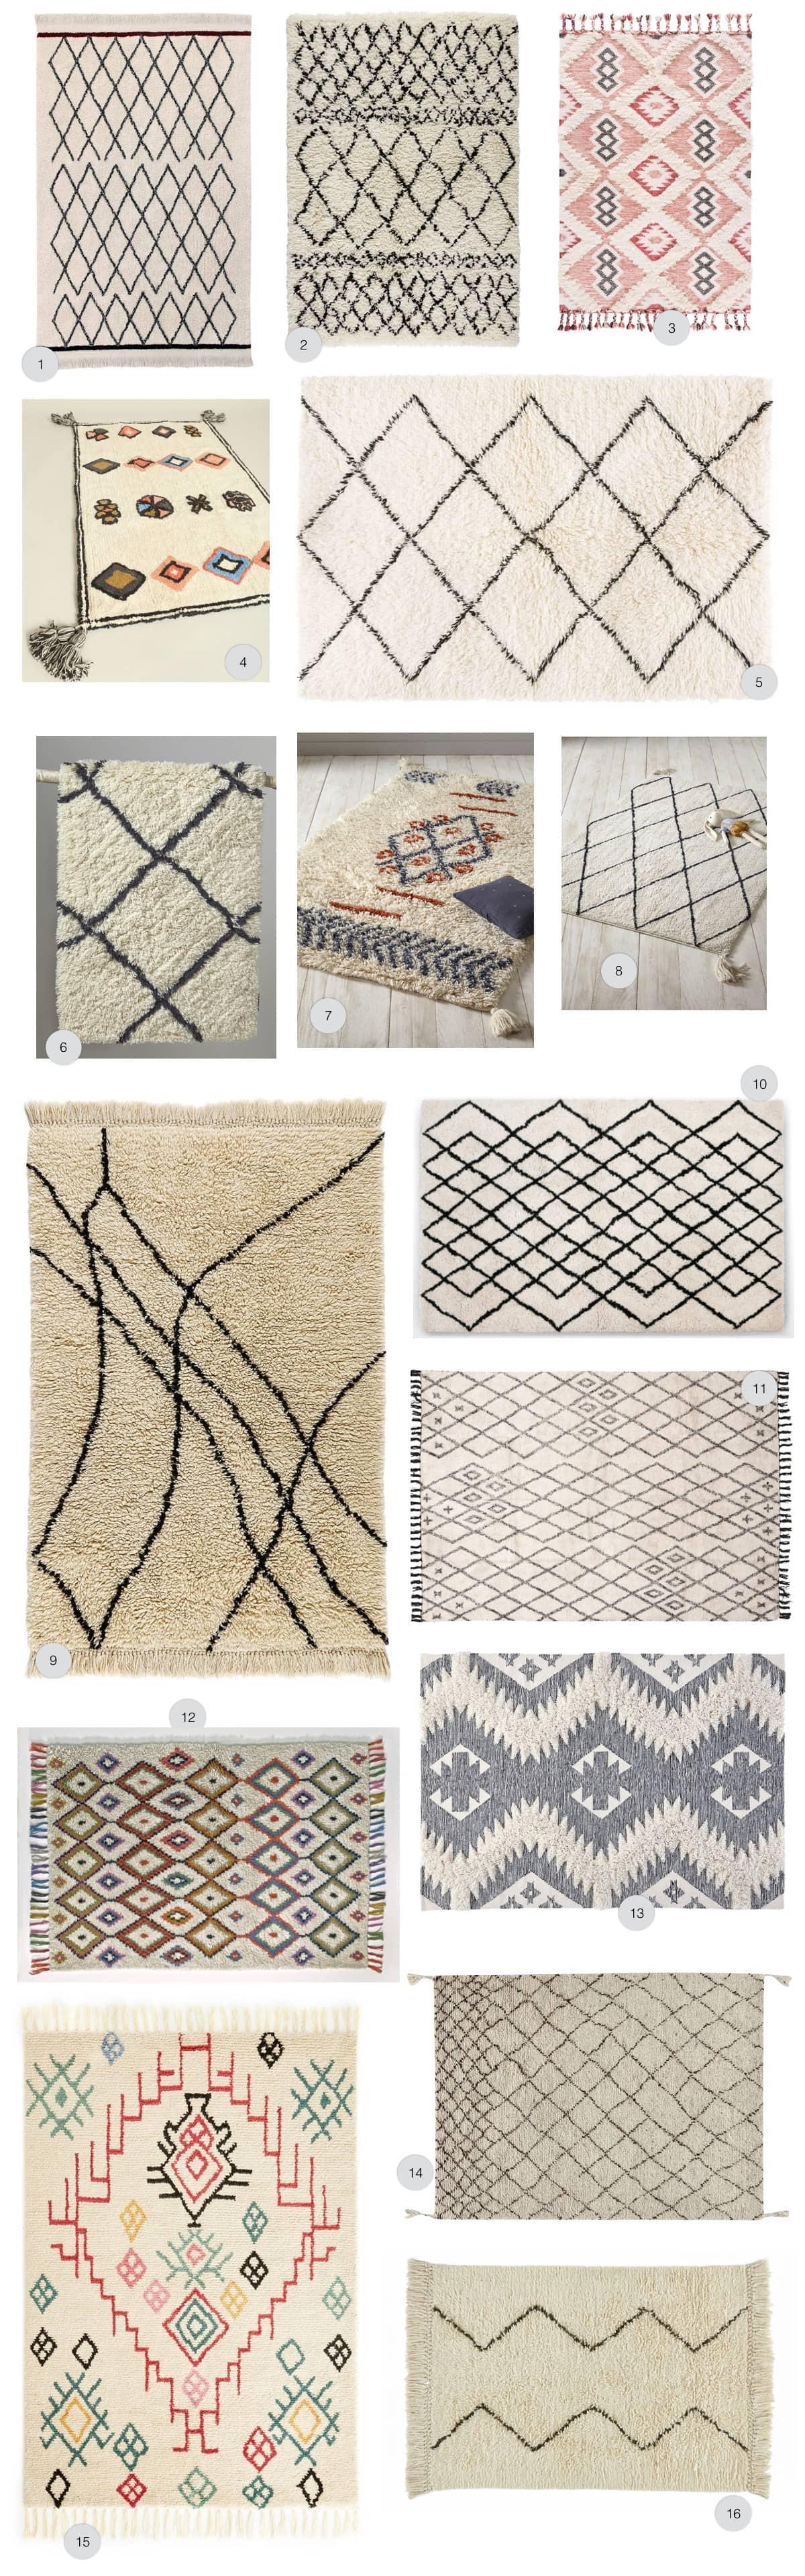 Déco intérieur : où acheter un tapis berbère en laine pas cher